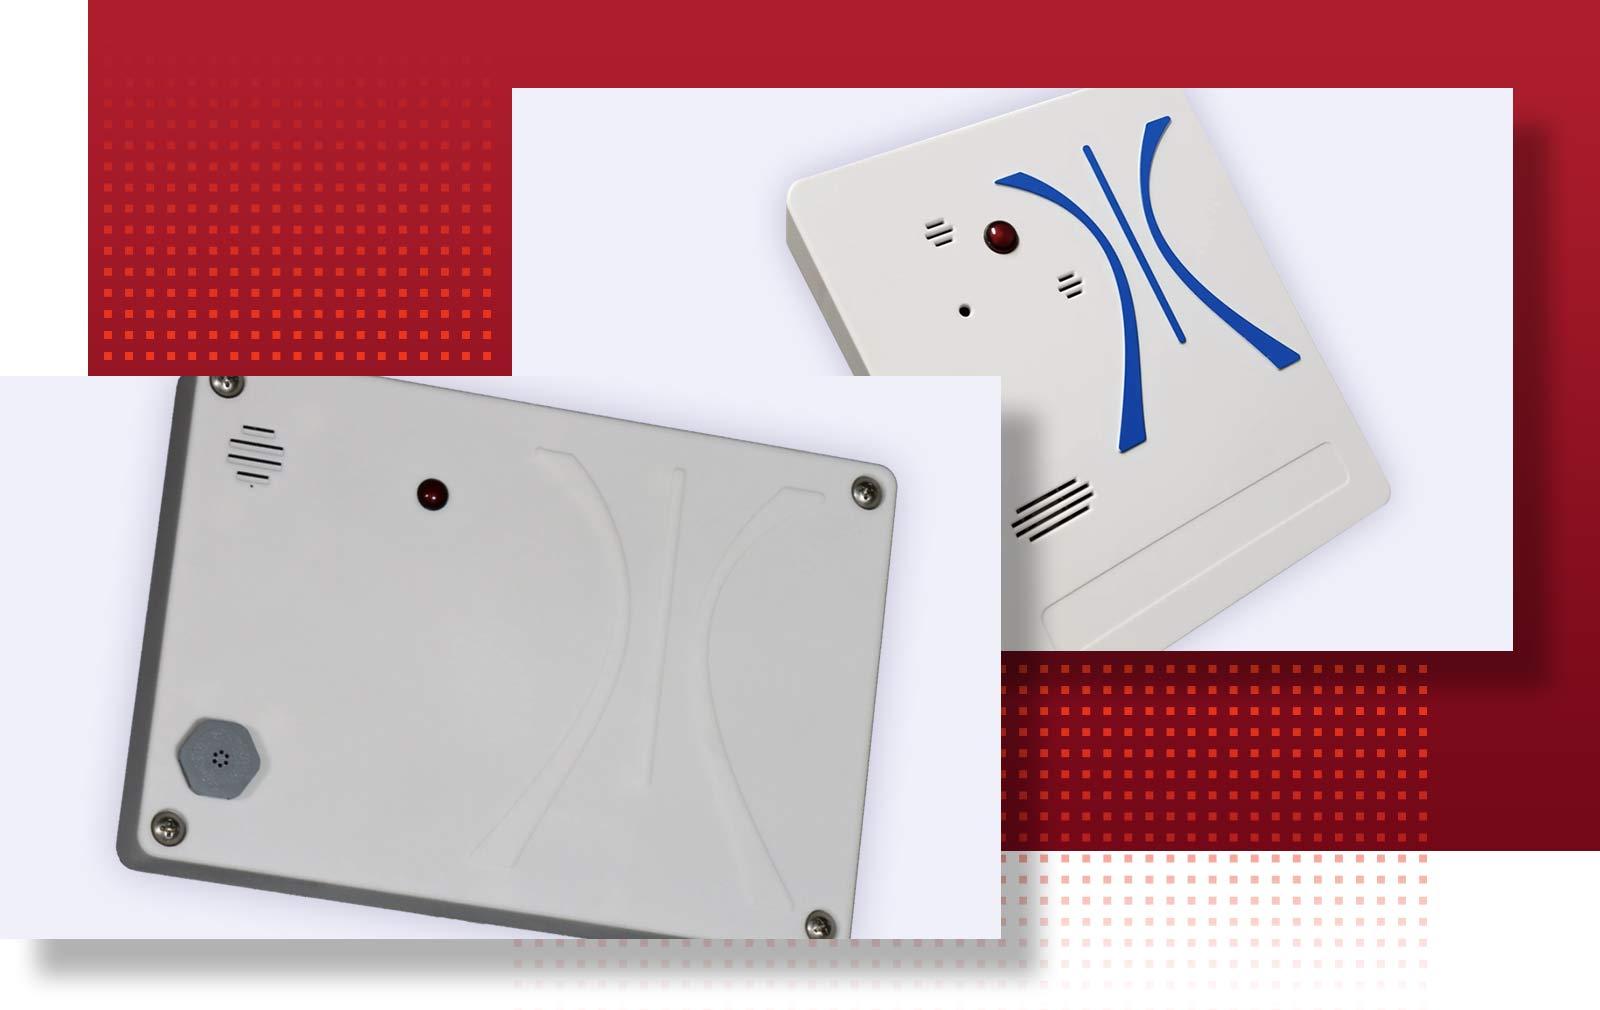 Defendry Outdoor & Indoor Outdoor Gunshot Detection